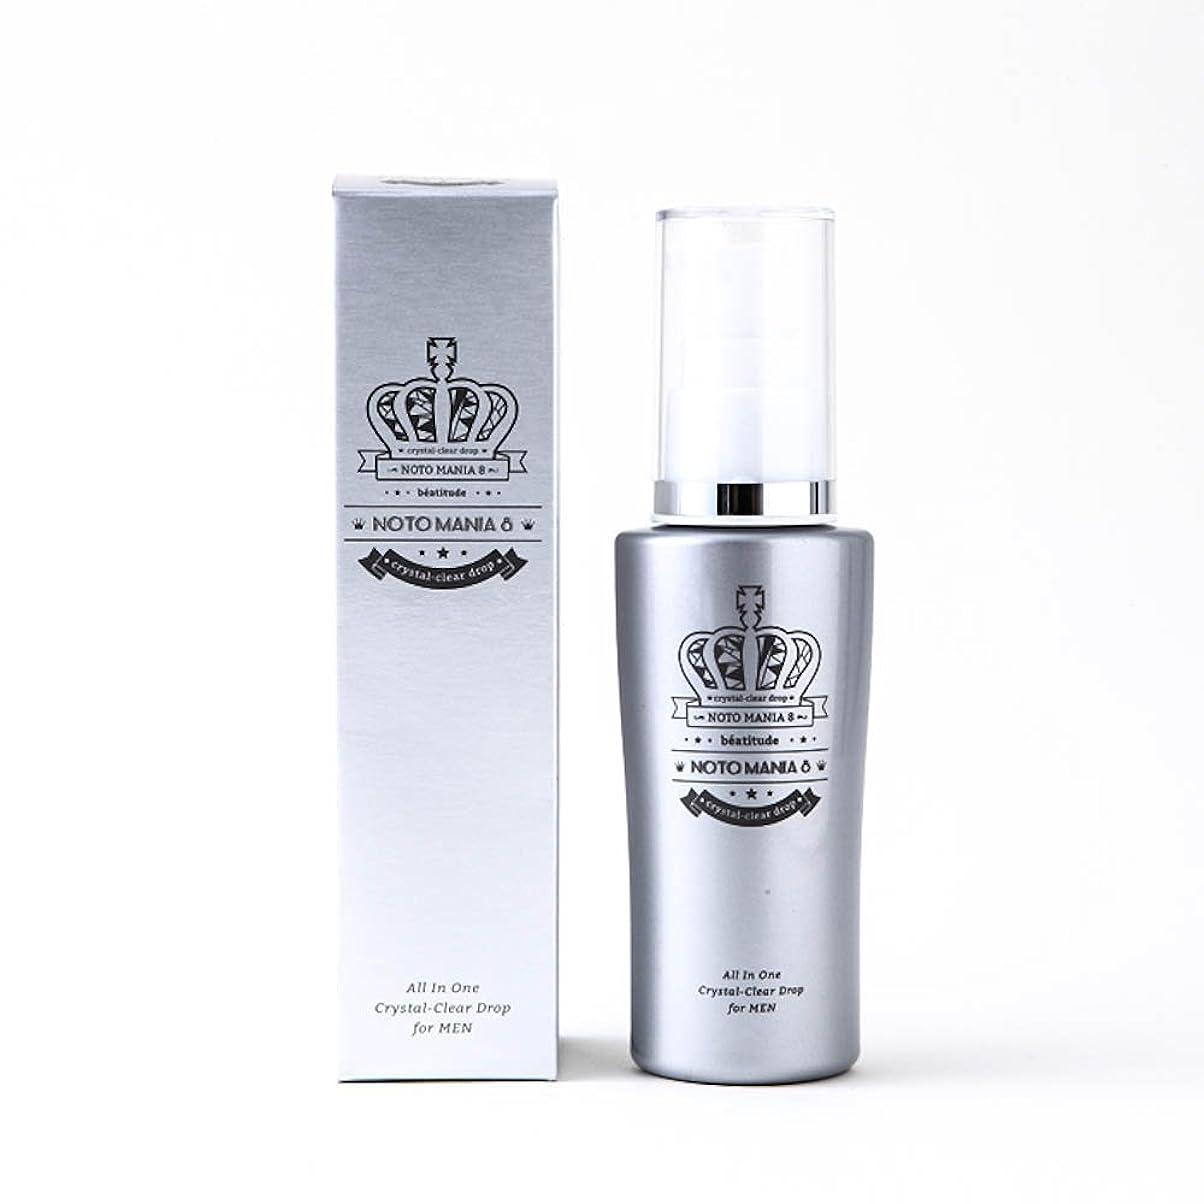 階段上記の頭と肩ガウンノトマニア8 ( NOTOMANIA8 メンズ オールインワン 濃密保湿美容液 )& 男性用 スキンケア 化粧水